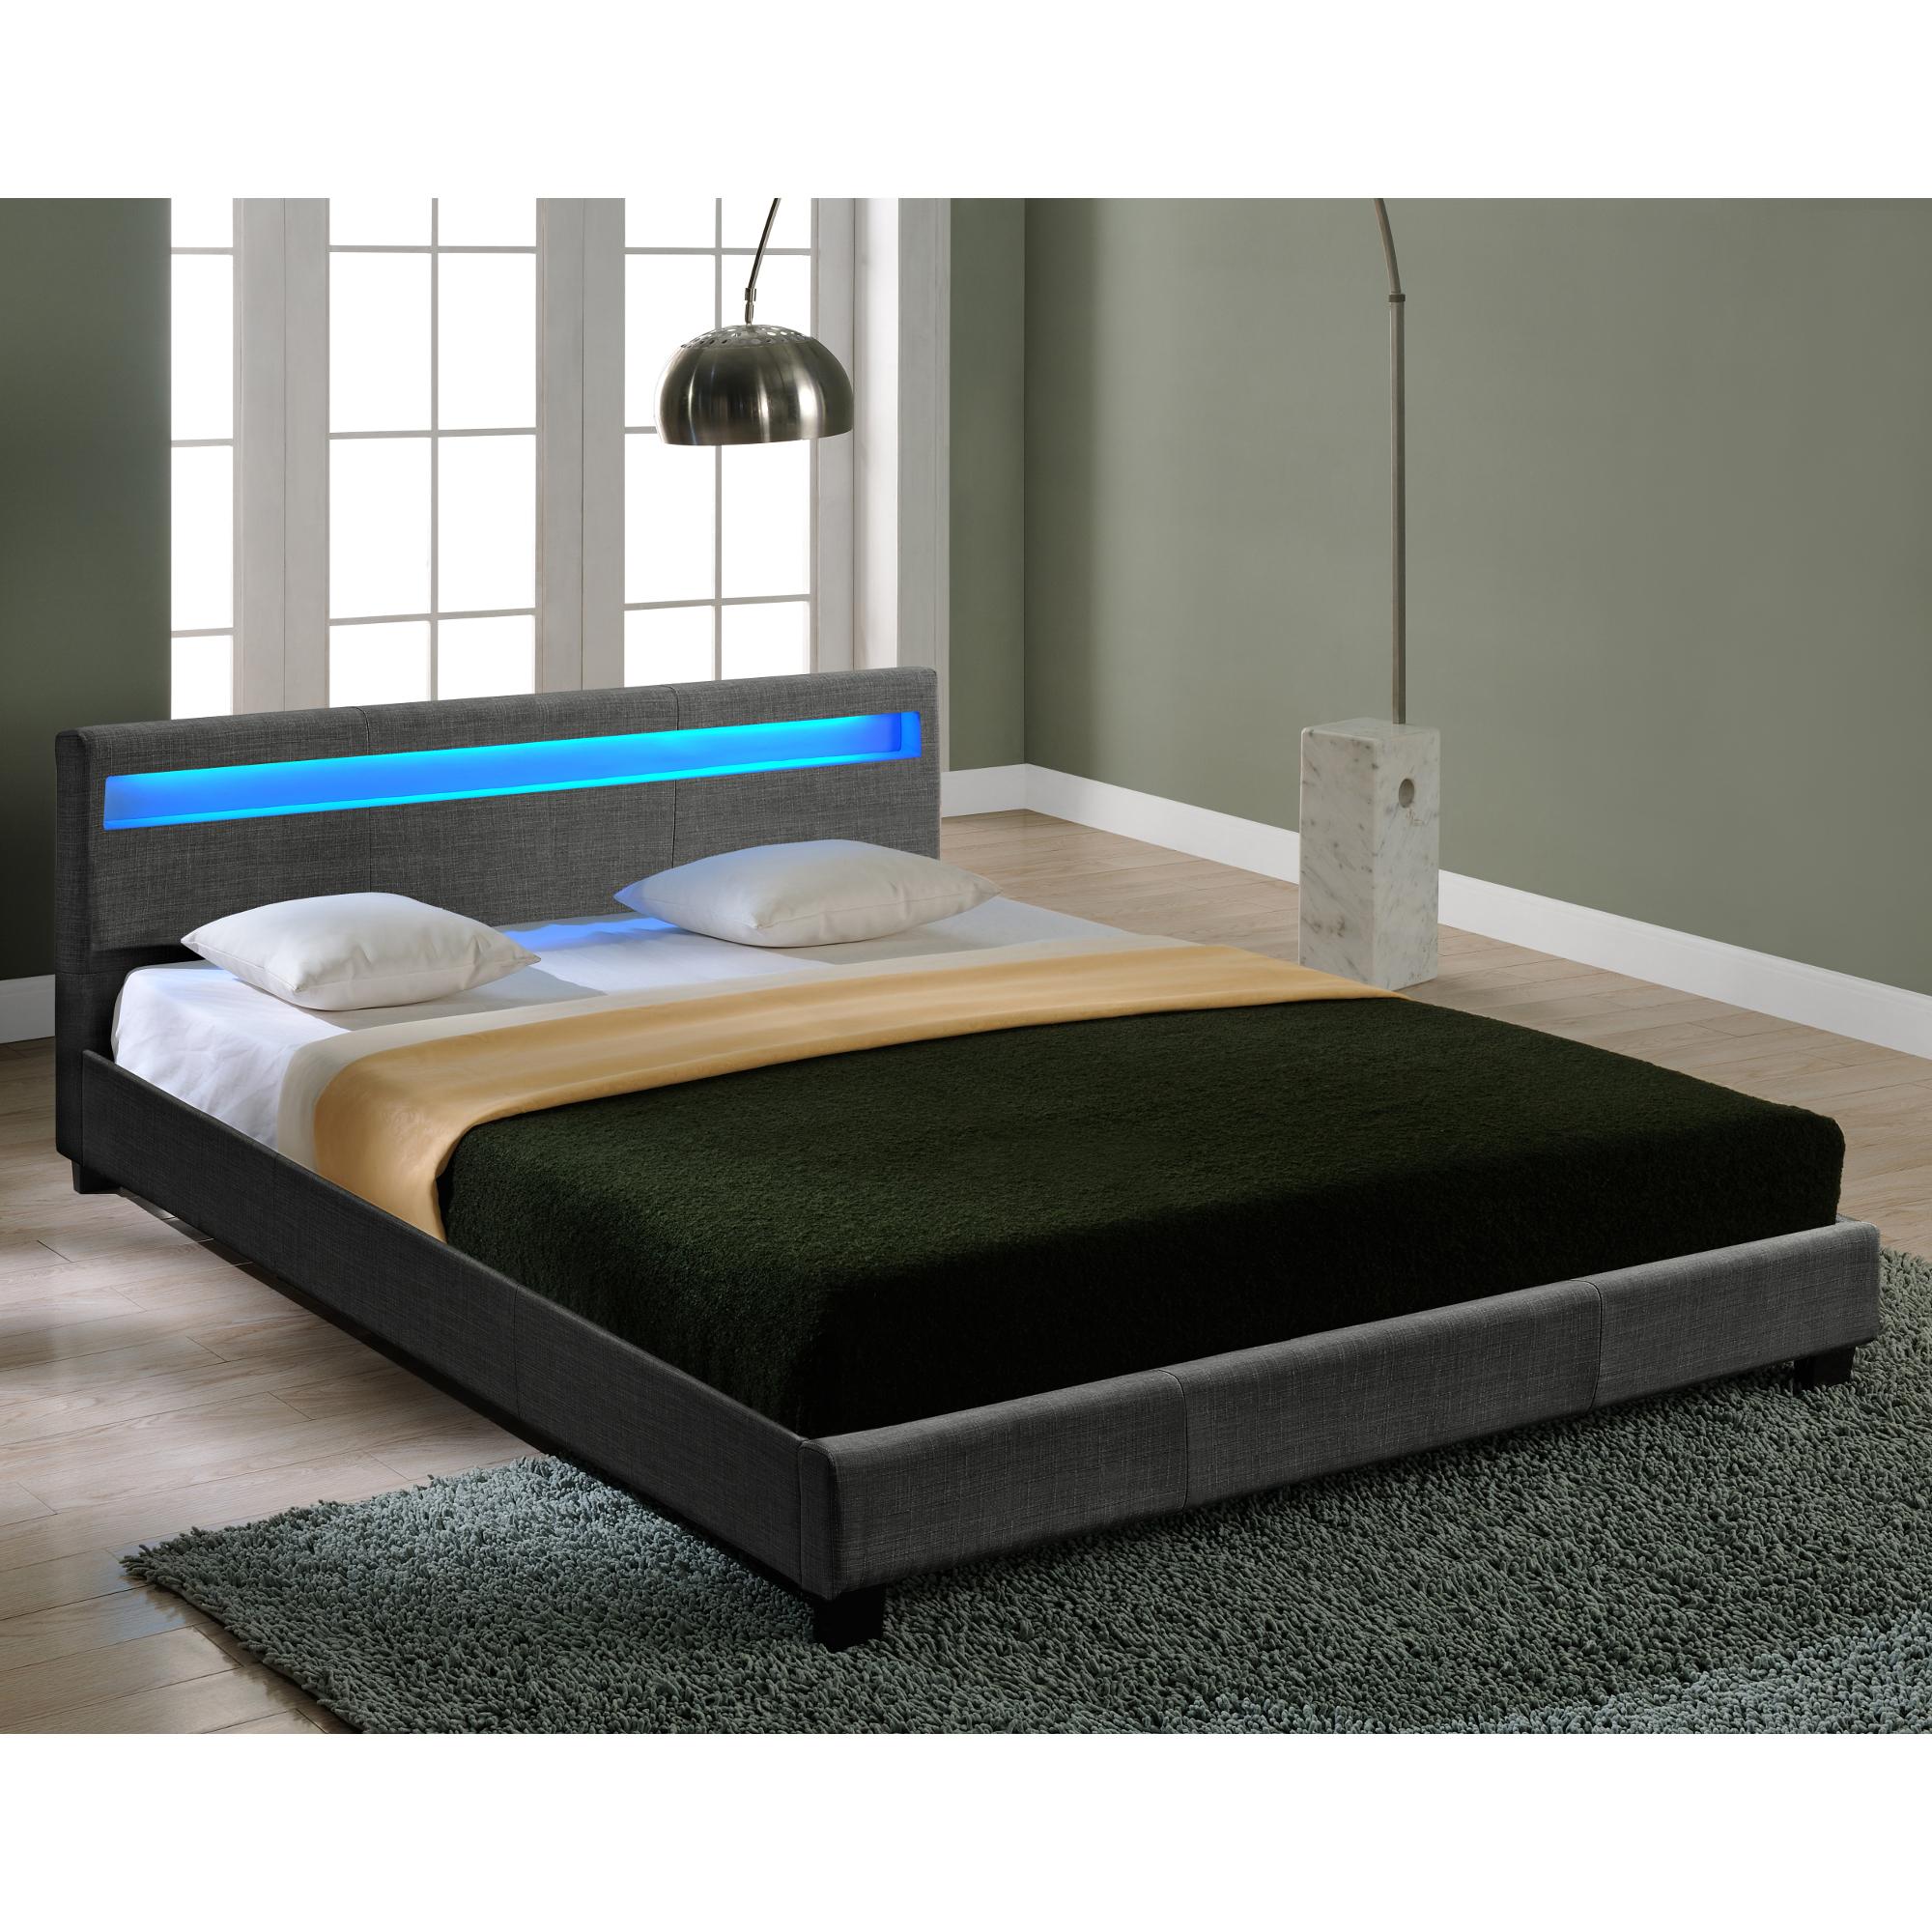 esstisch rund wei h 75cmx 80cm holz tisch. Black Bedroom Furniture Sets. Home Design Ideas